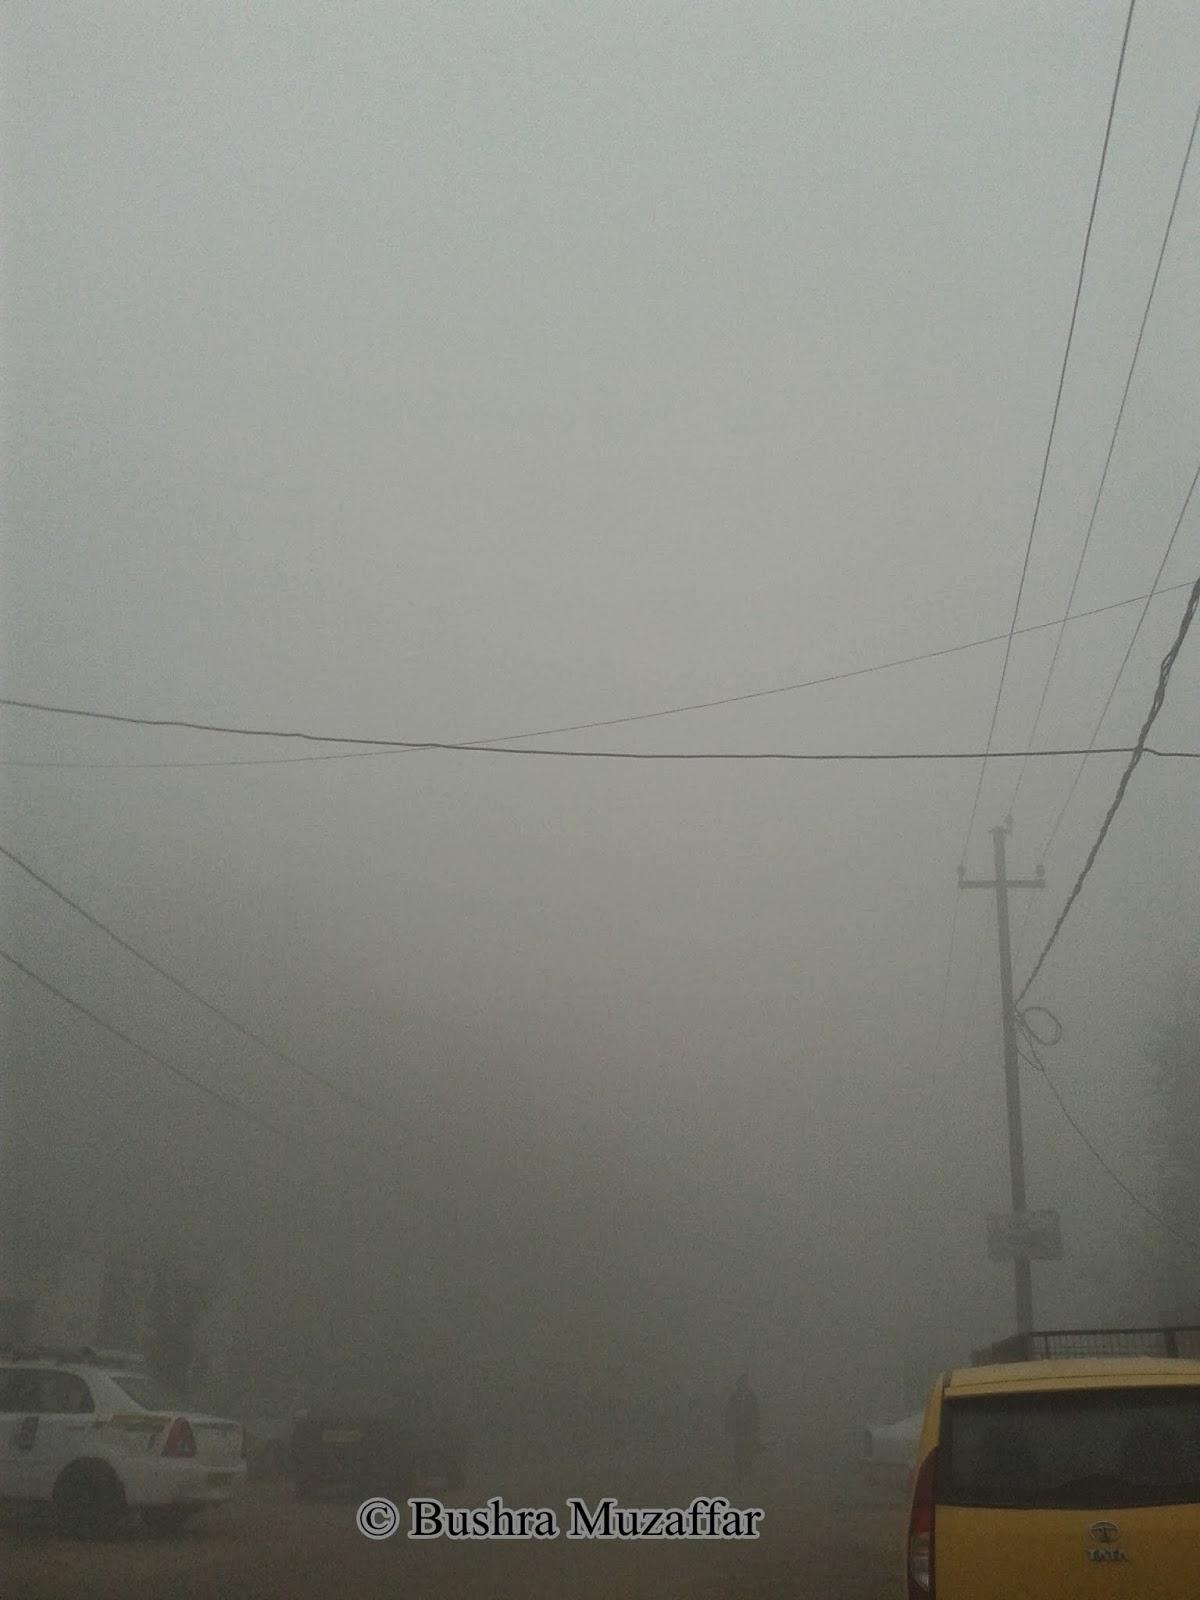 Fog in Noida